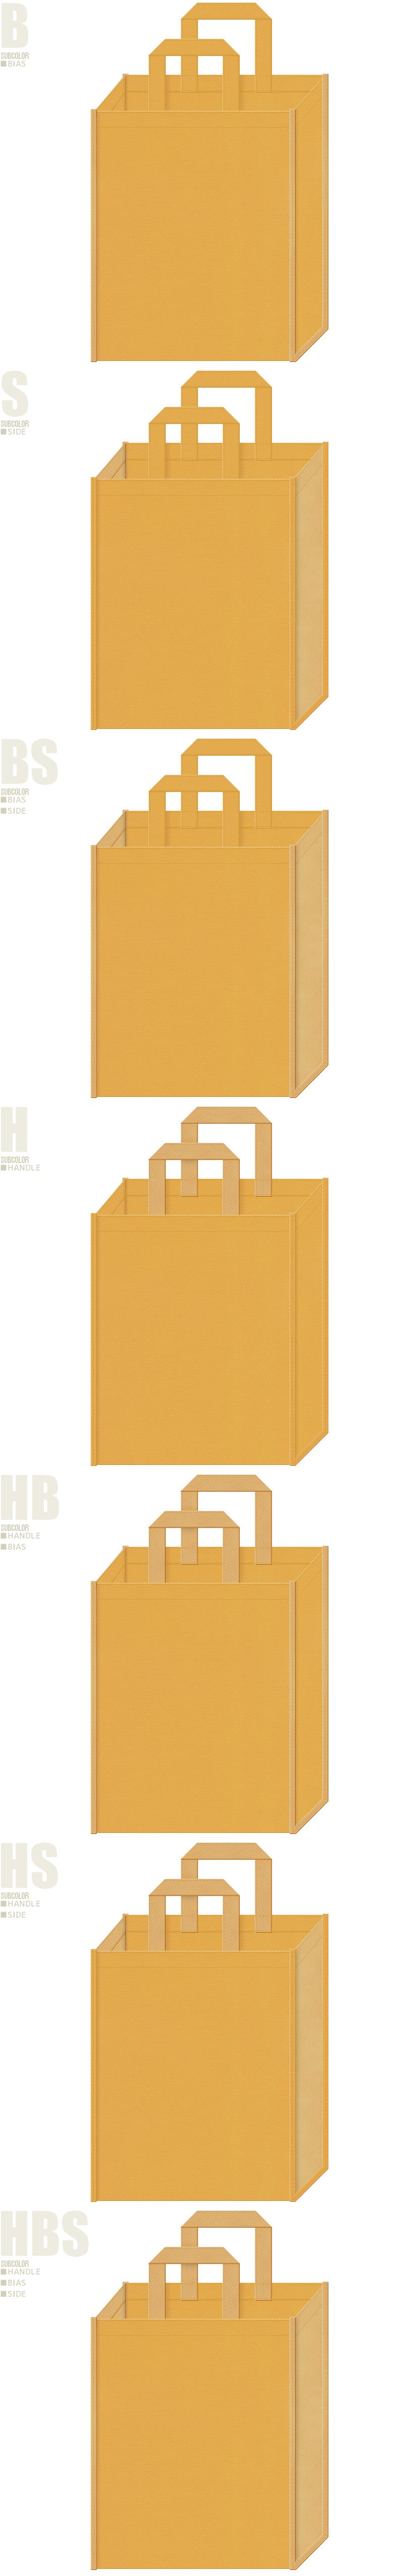 檜・から揚げ・クッキー・お料理教室・菓子パン・ベーカリー・木工・工作教室・DIYのイベントにお奨めの不織布バッグデザイン:黄土色と薄黄土色の配色7パターン